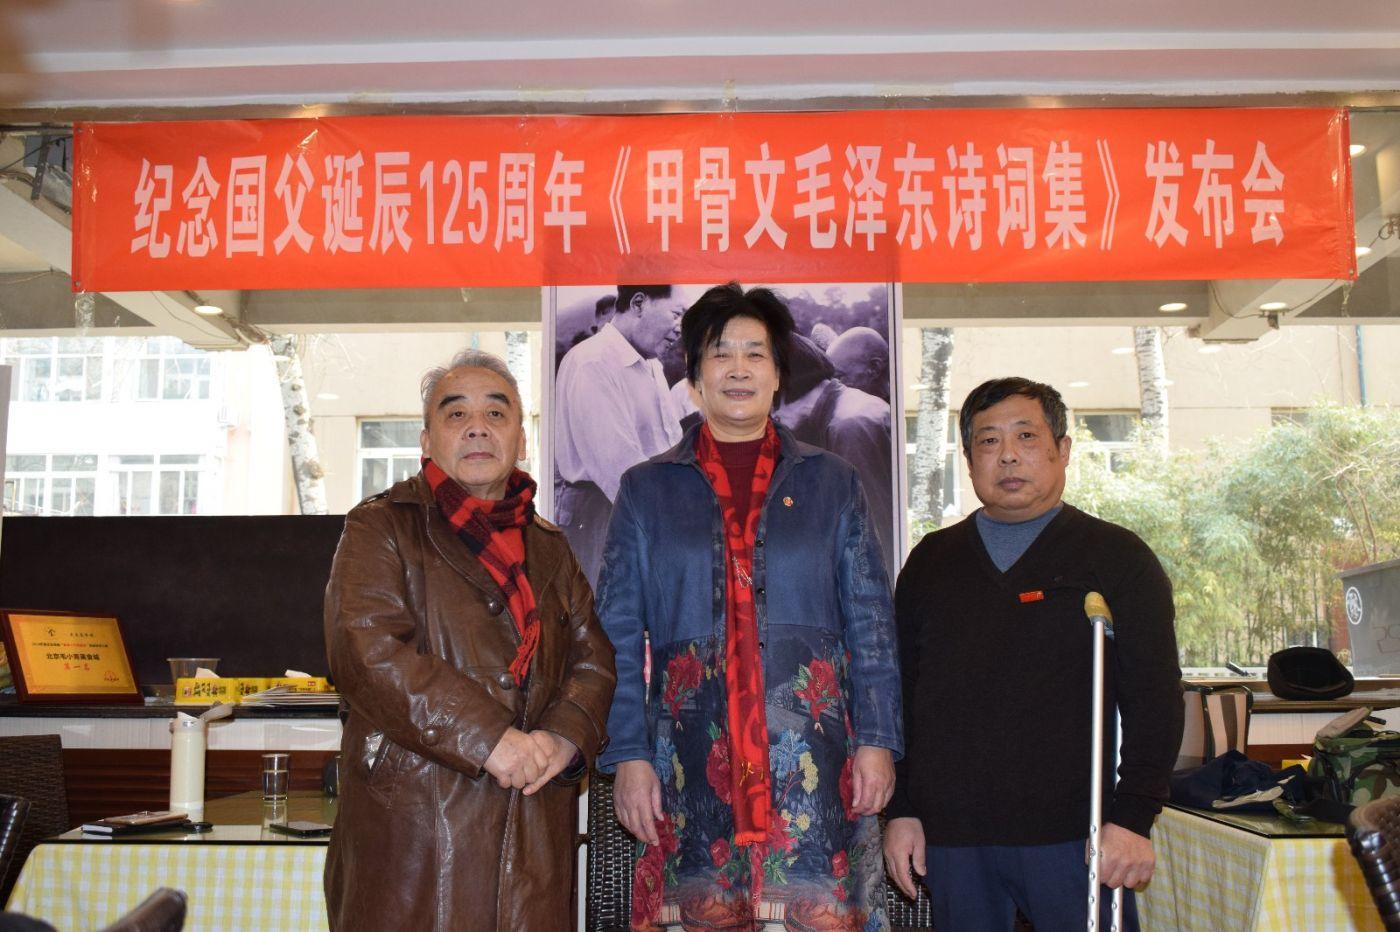 纪念毛泽东诞辰125周年《甲骨文毛泽东诗词集》  出版发布会在京举办 ... ... ..._图1-11